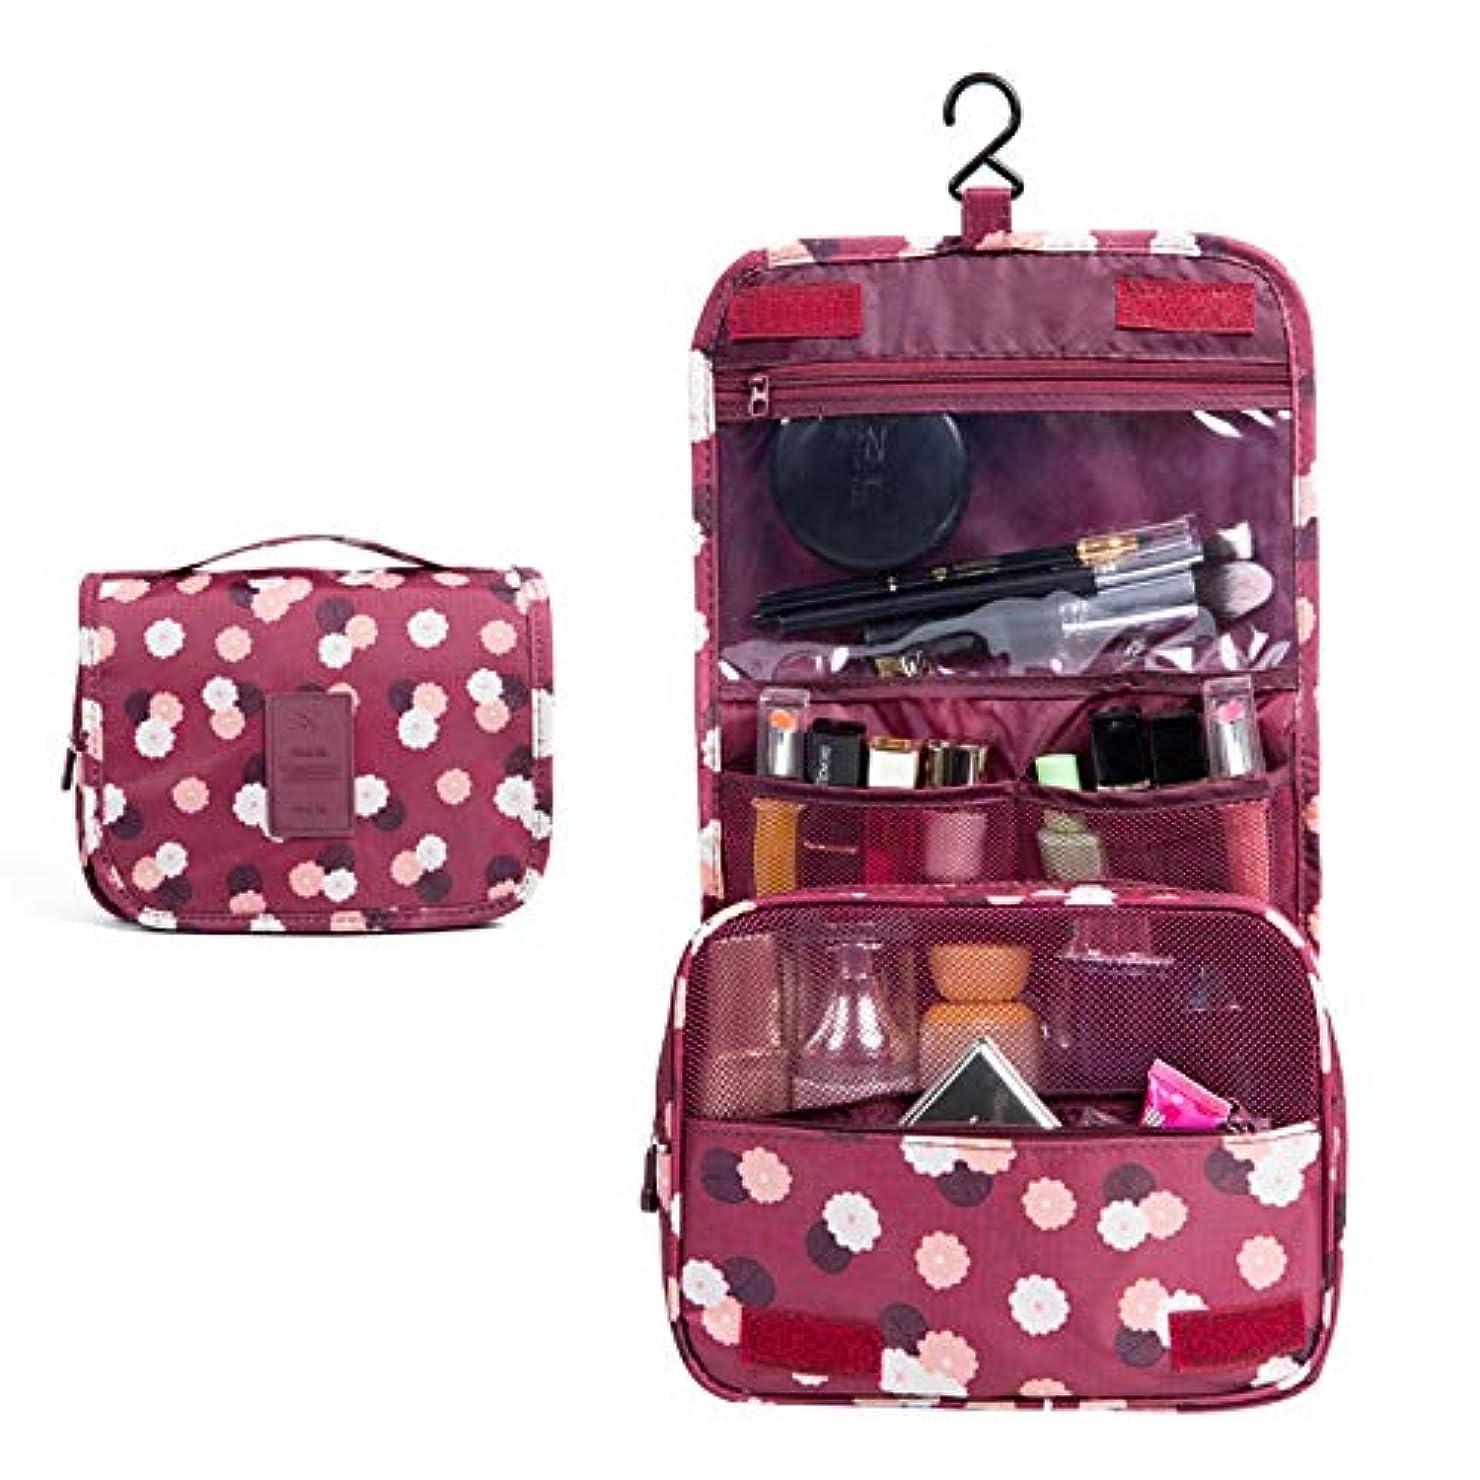 準備配列寺院化粧オーガナイザーバッグ ポータブル旅行折りたたみフックオーガナイザーバッグトイレタリーバッグを作る化粧品バッグブルーフラワー 化粧品ケース (色 : 赤)